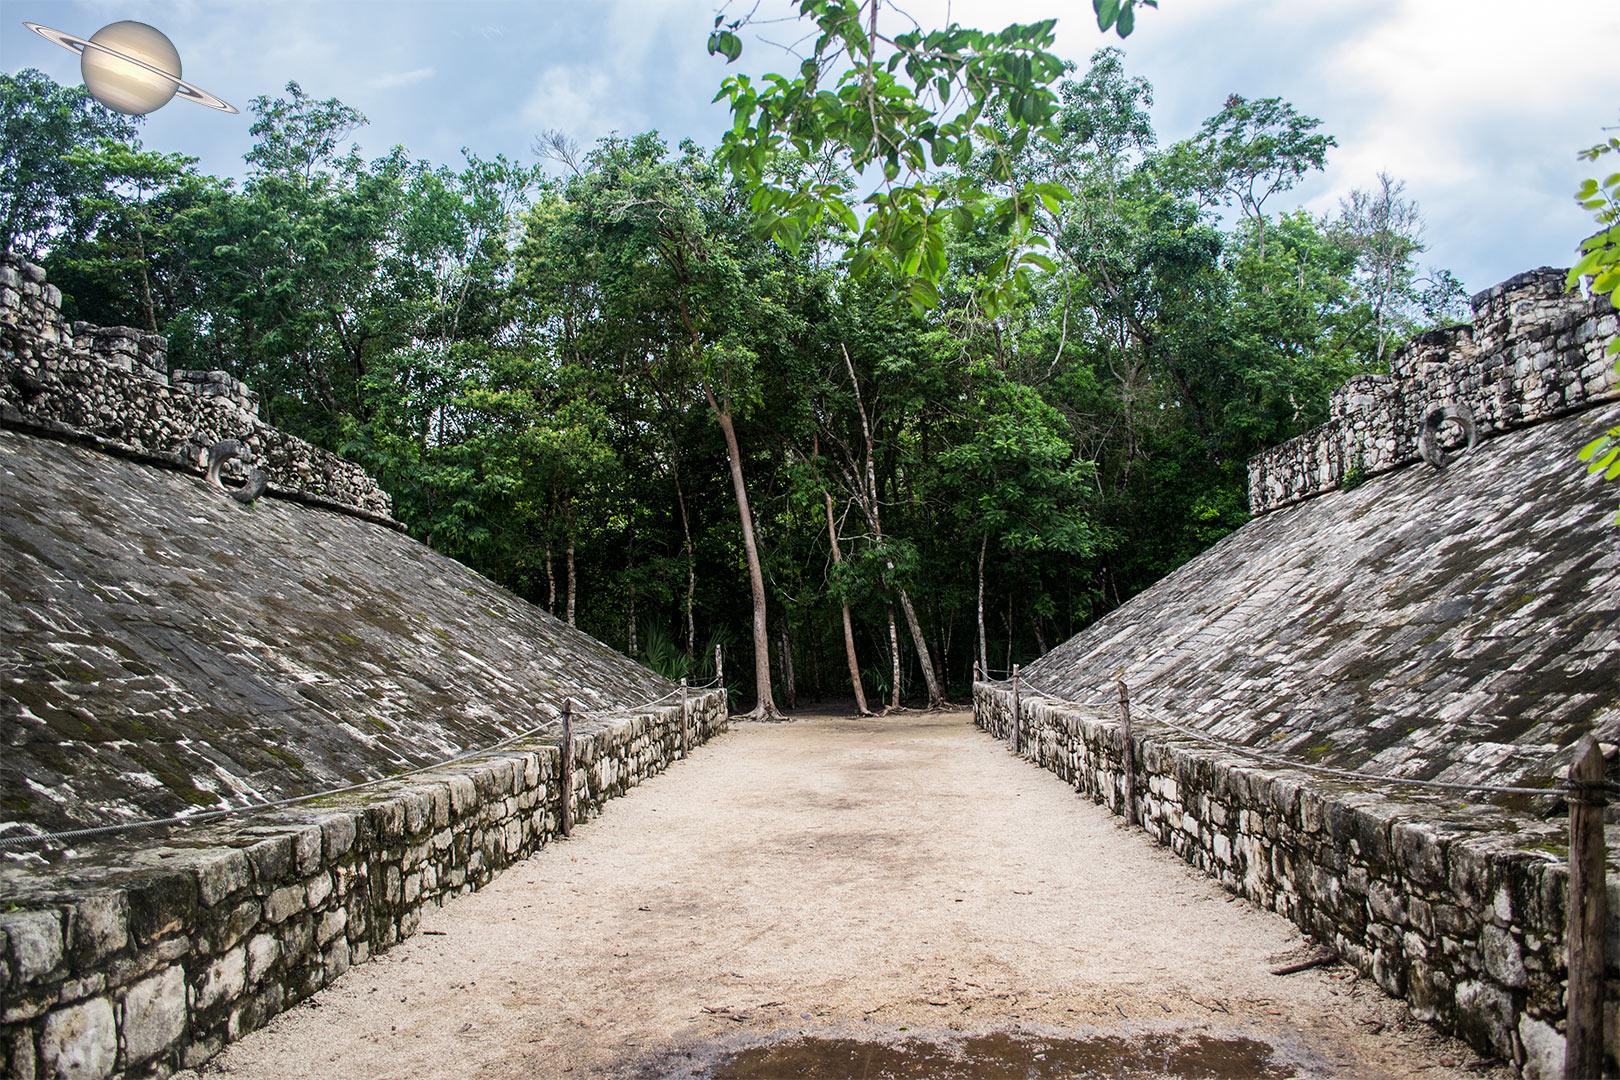 coba yucatan mexico 17 - Suba uma Pirâmide em Coba, Antiga Cidade Maia, México